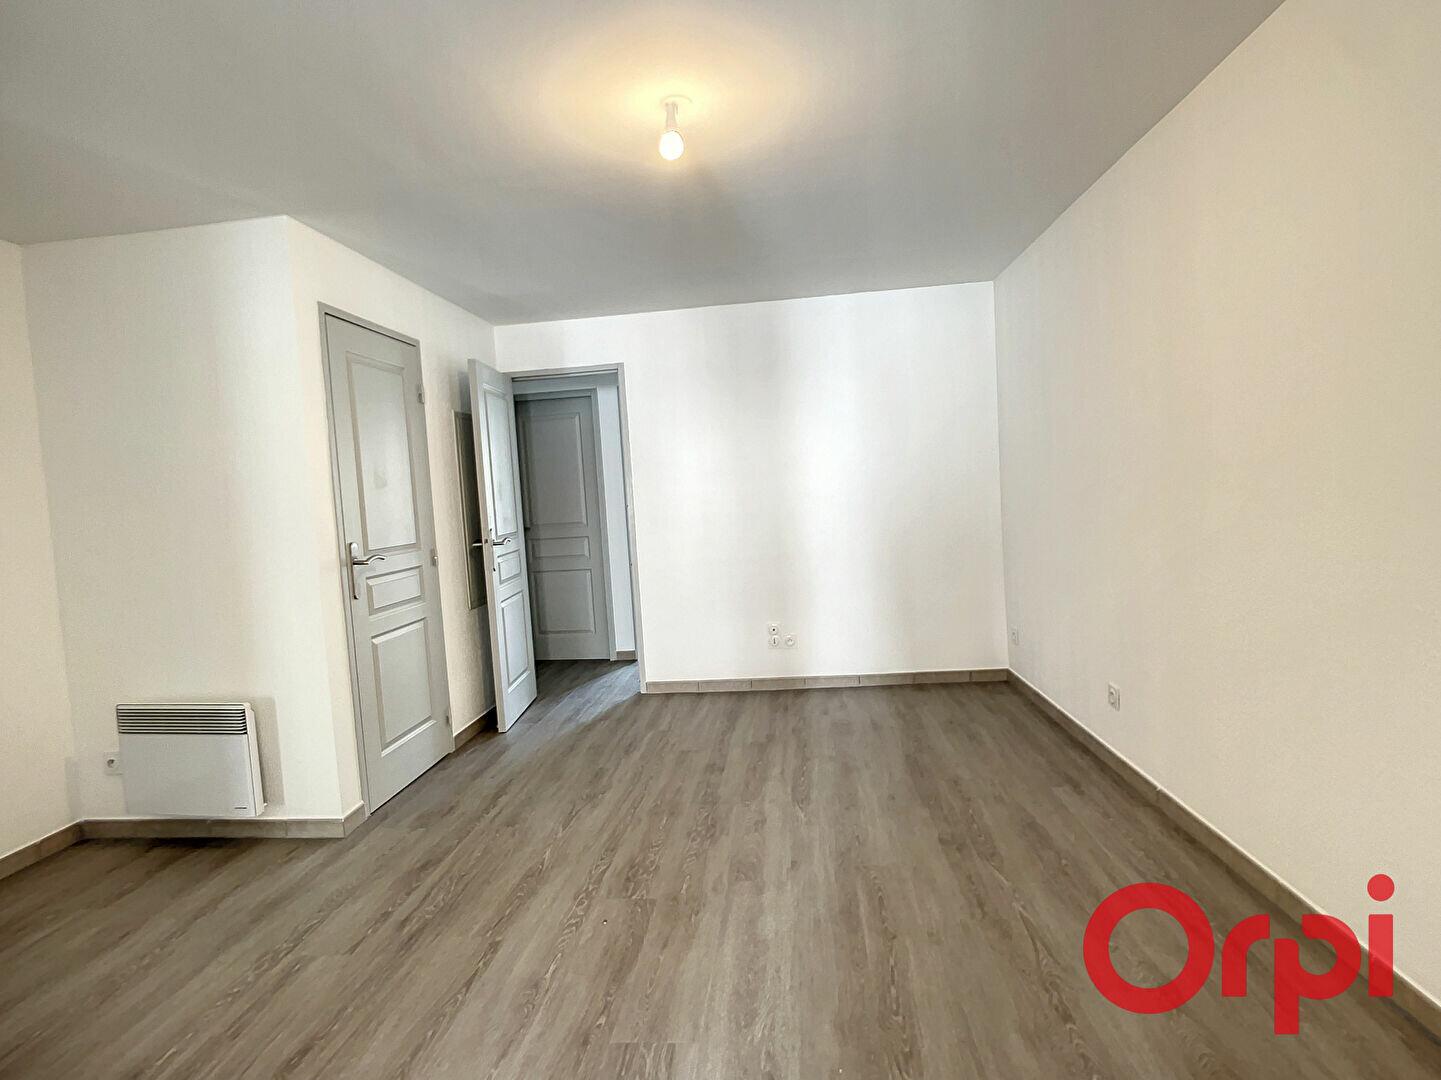 Appartement à louer 3 52.02m2 à La Fare-les-Oliviers vignette-3